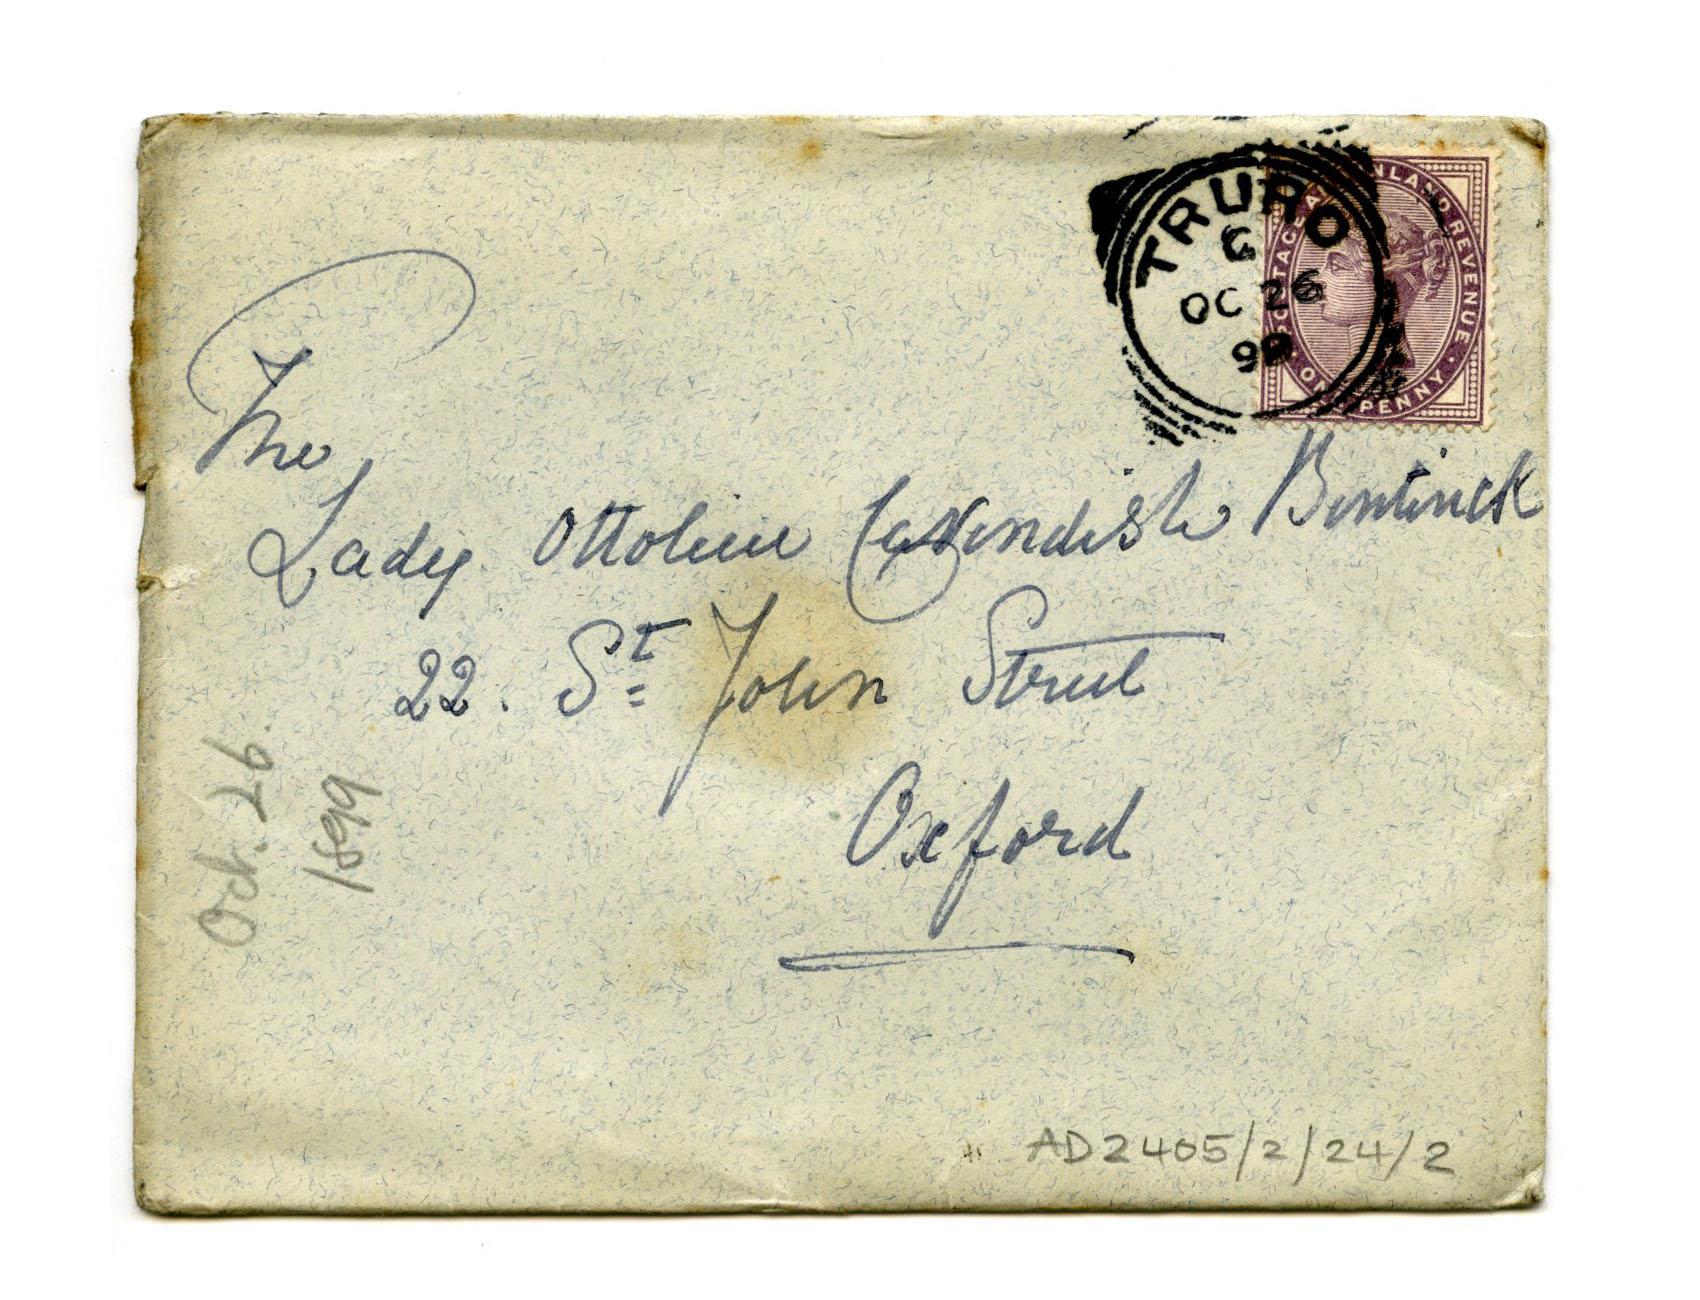 Old envelope regarding Mother Julian